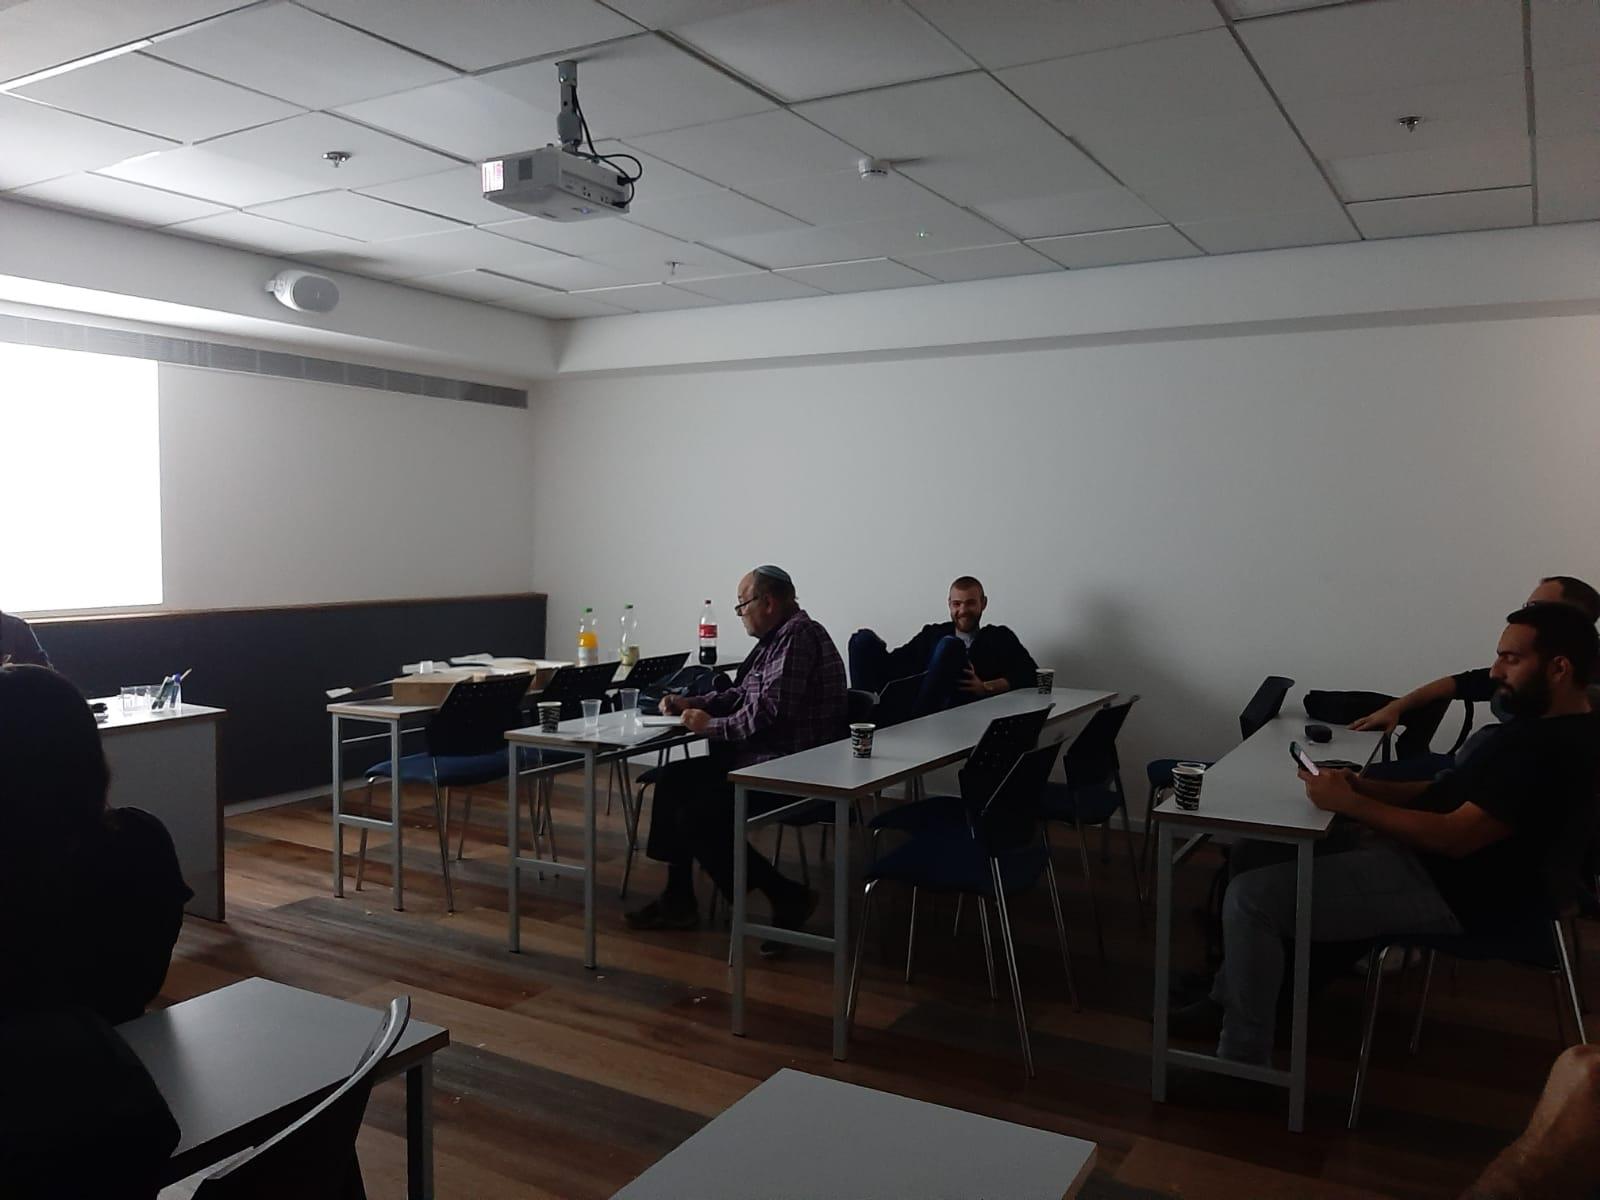 גלרייה - סיום קורס ניהול לוגיסטיקה ומחסן ממוחשב בכיר מחזור 39, 6 מתוך 38